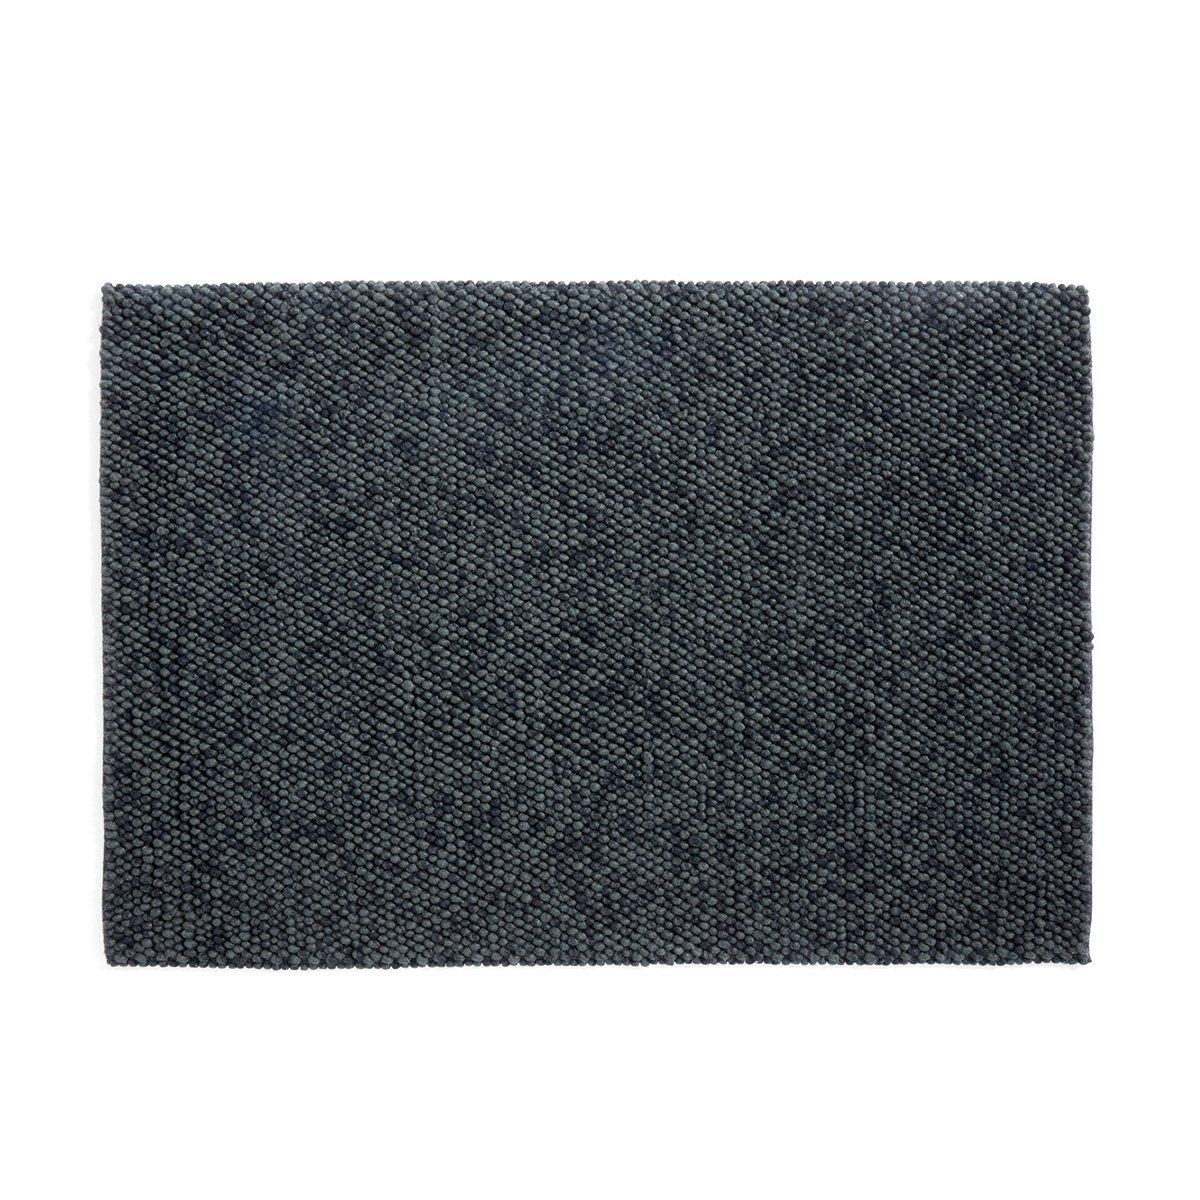 Peas Karpet Vloerkleed - Hay Groen 170 x 240 cm.